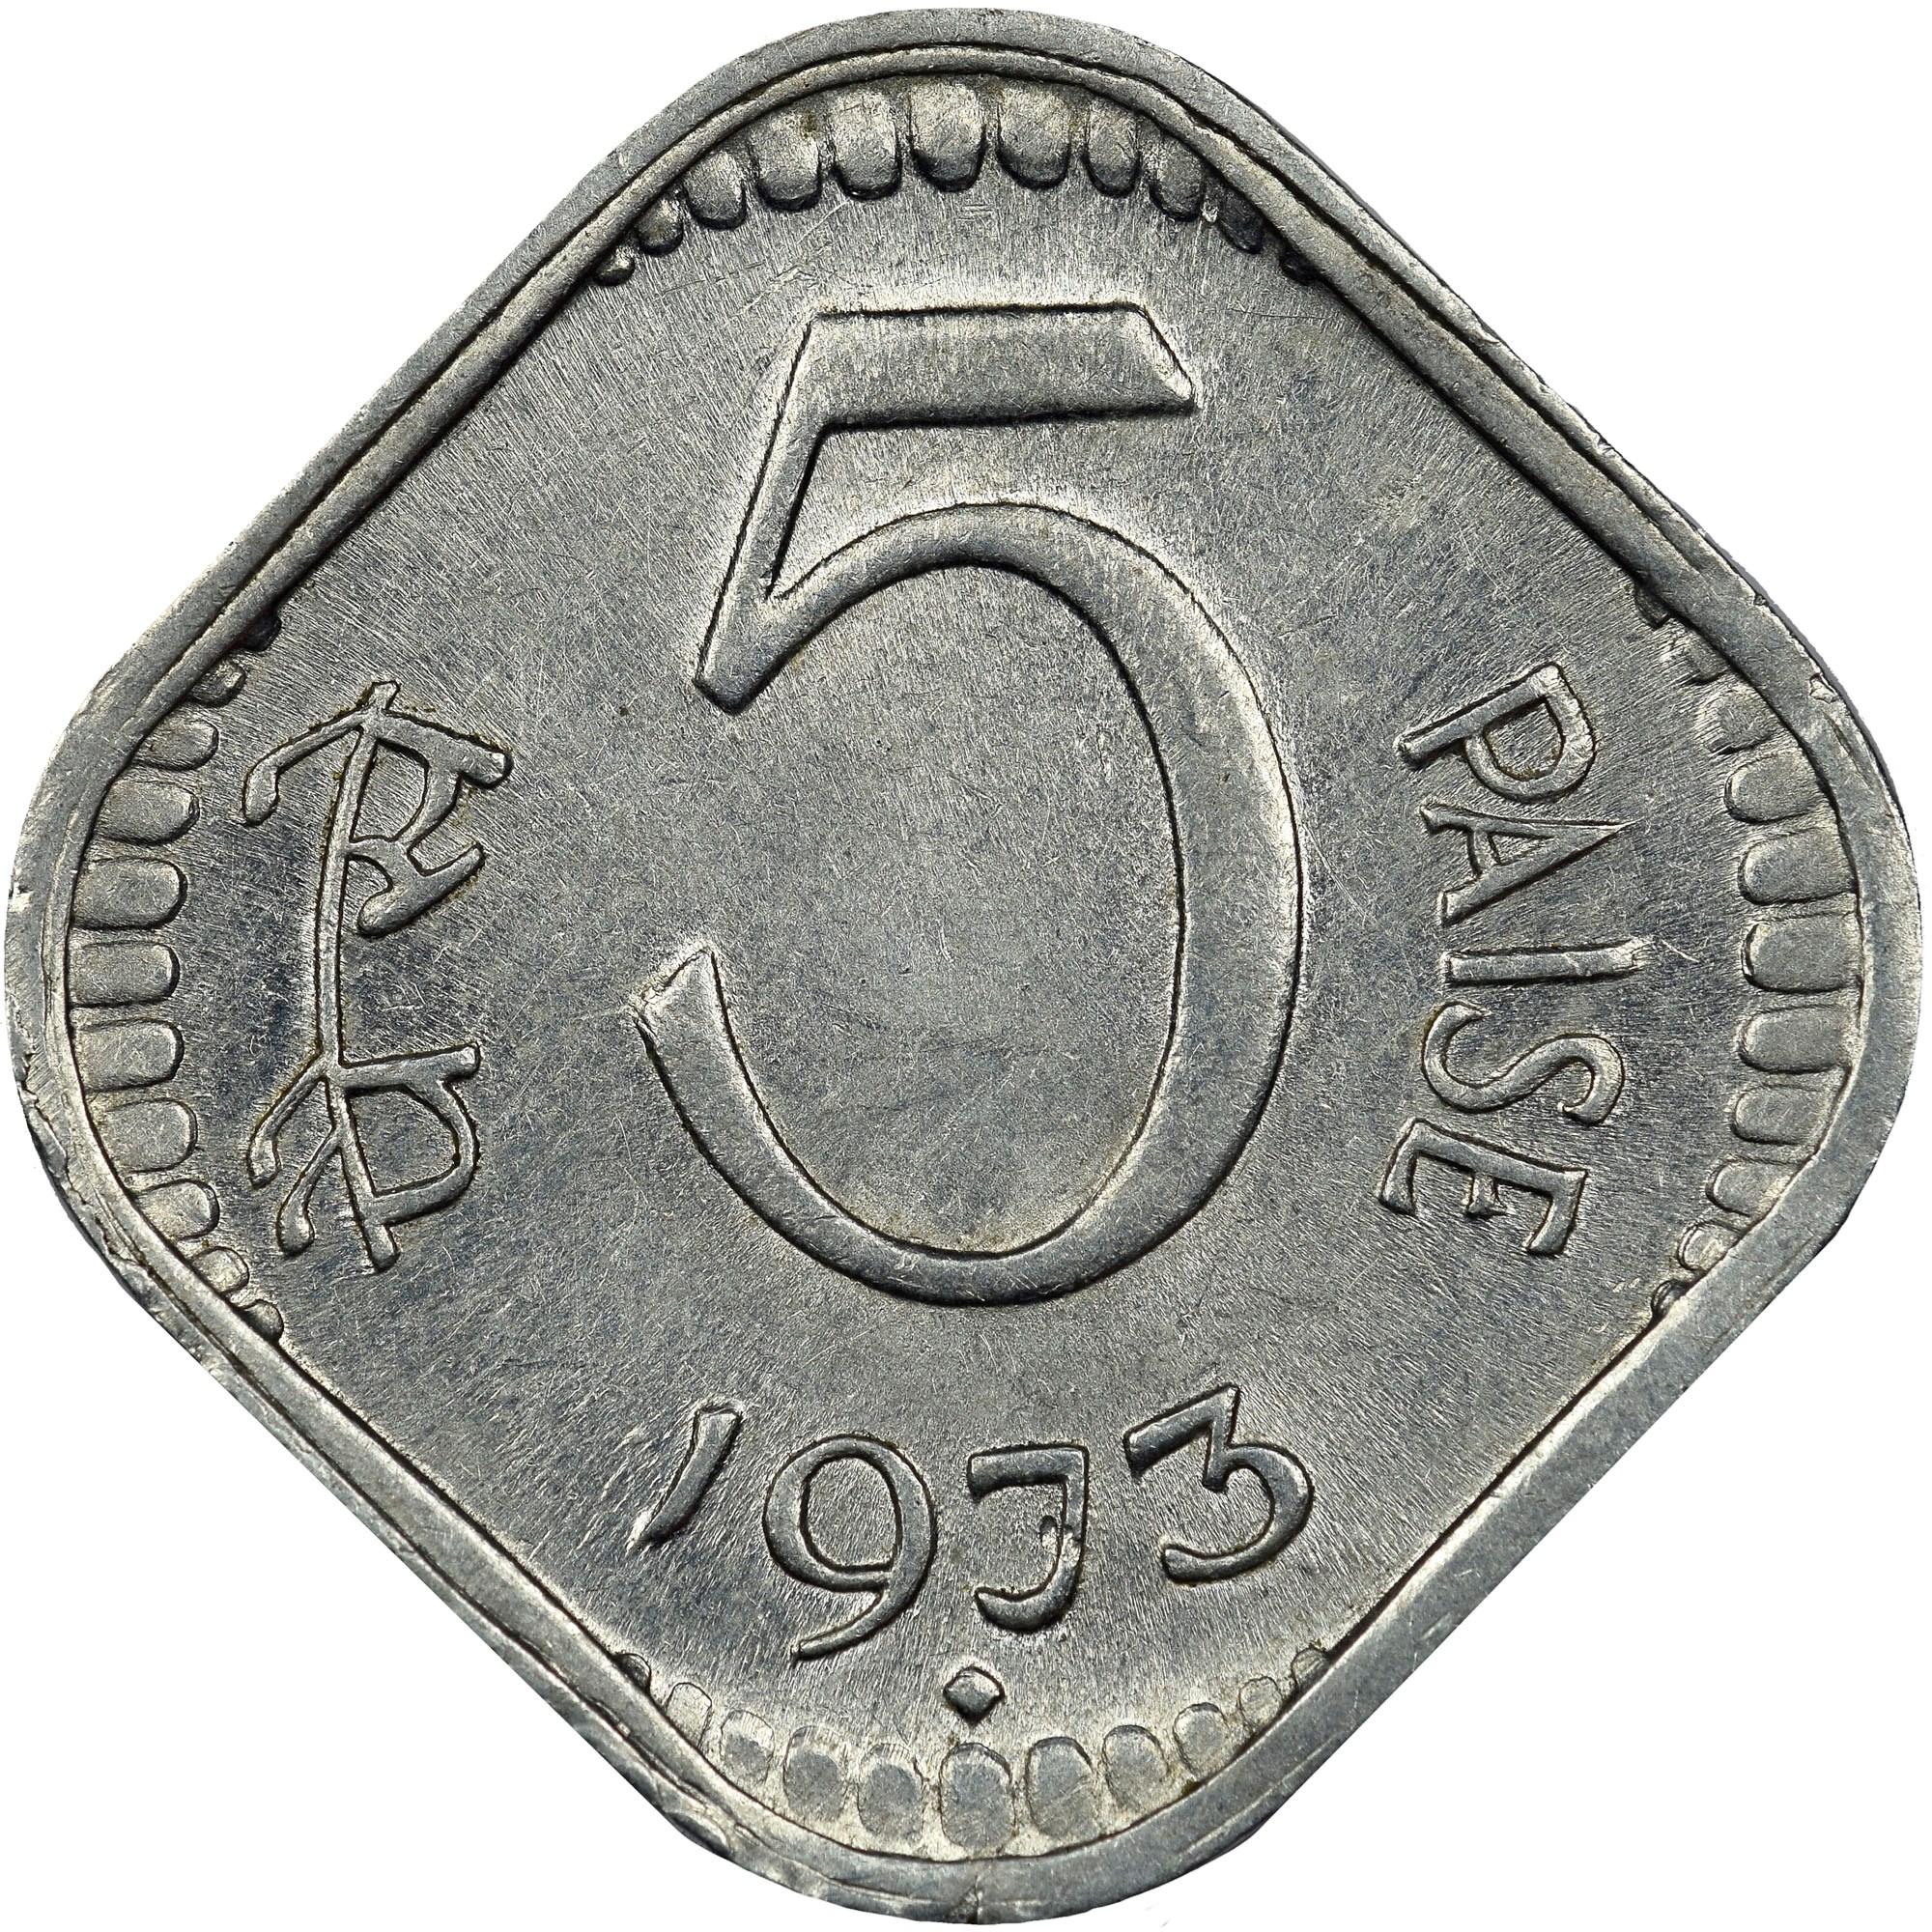 India-Republic 5 Paise reverse